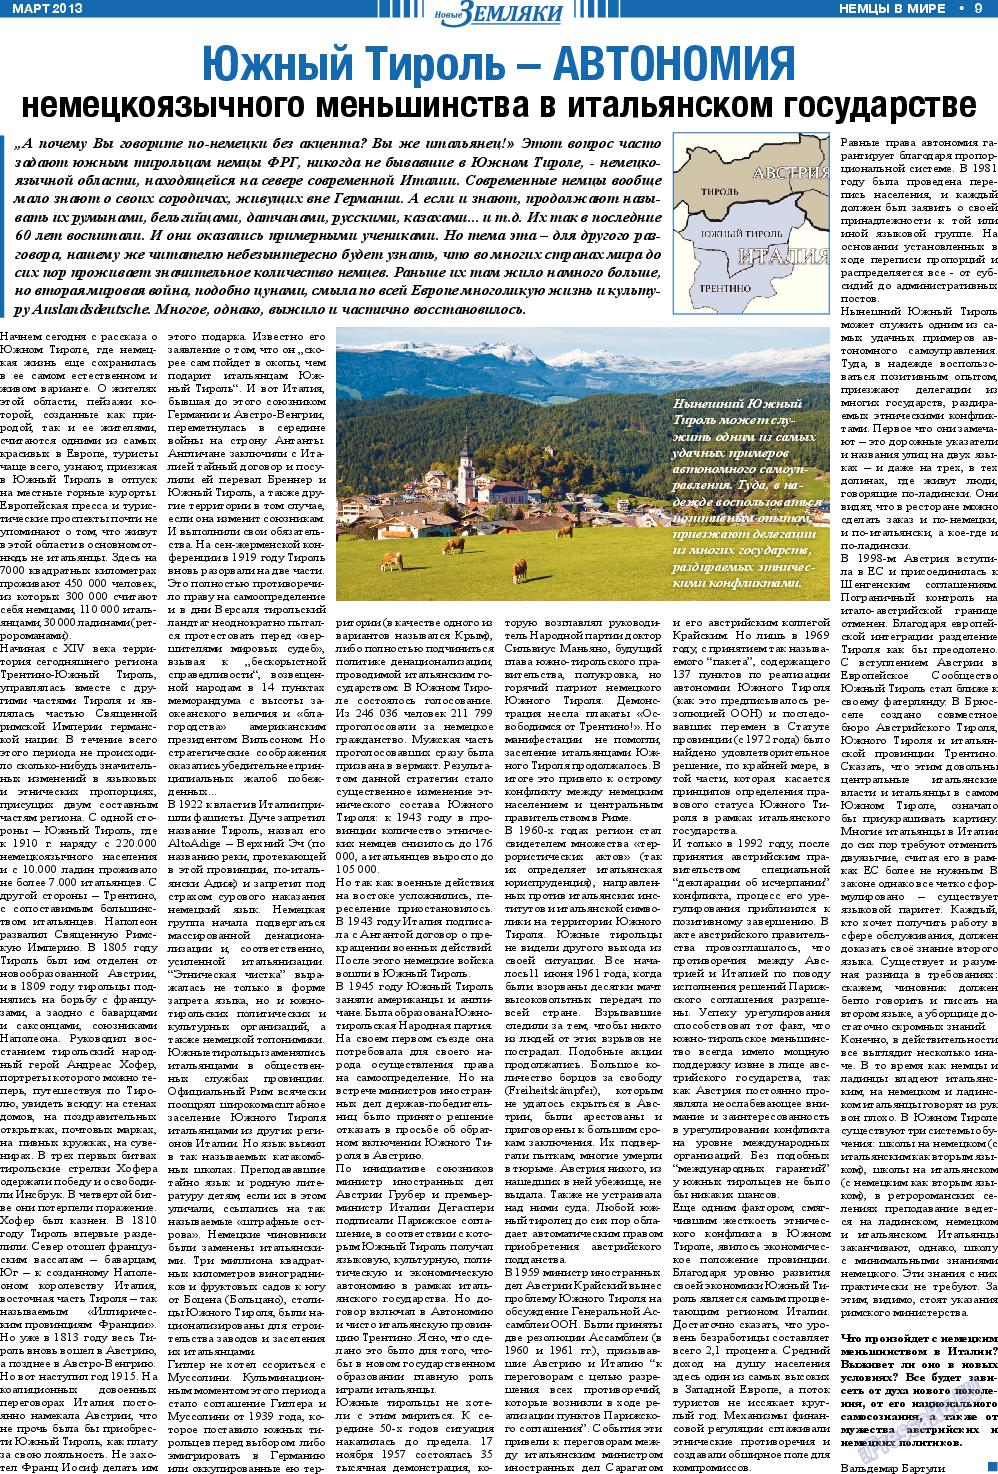 Новые Земляки (газета). 2013 год, номер 3, стр. 9